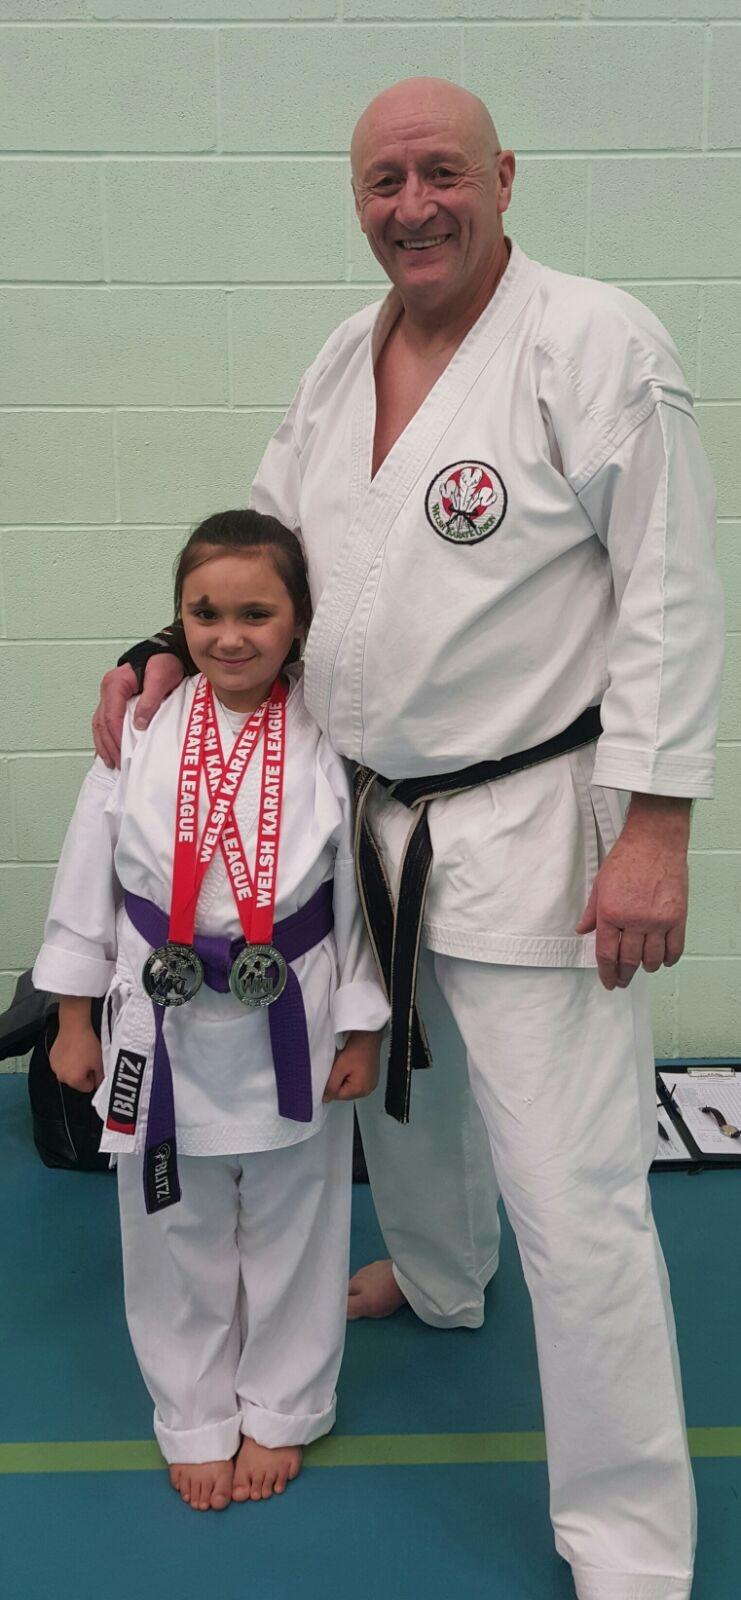 welsh karate union pencoed gallery